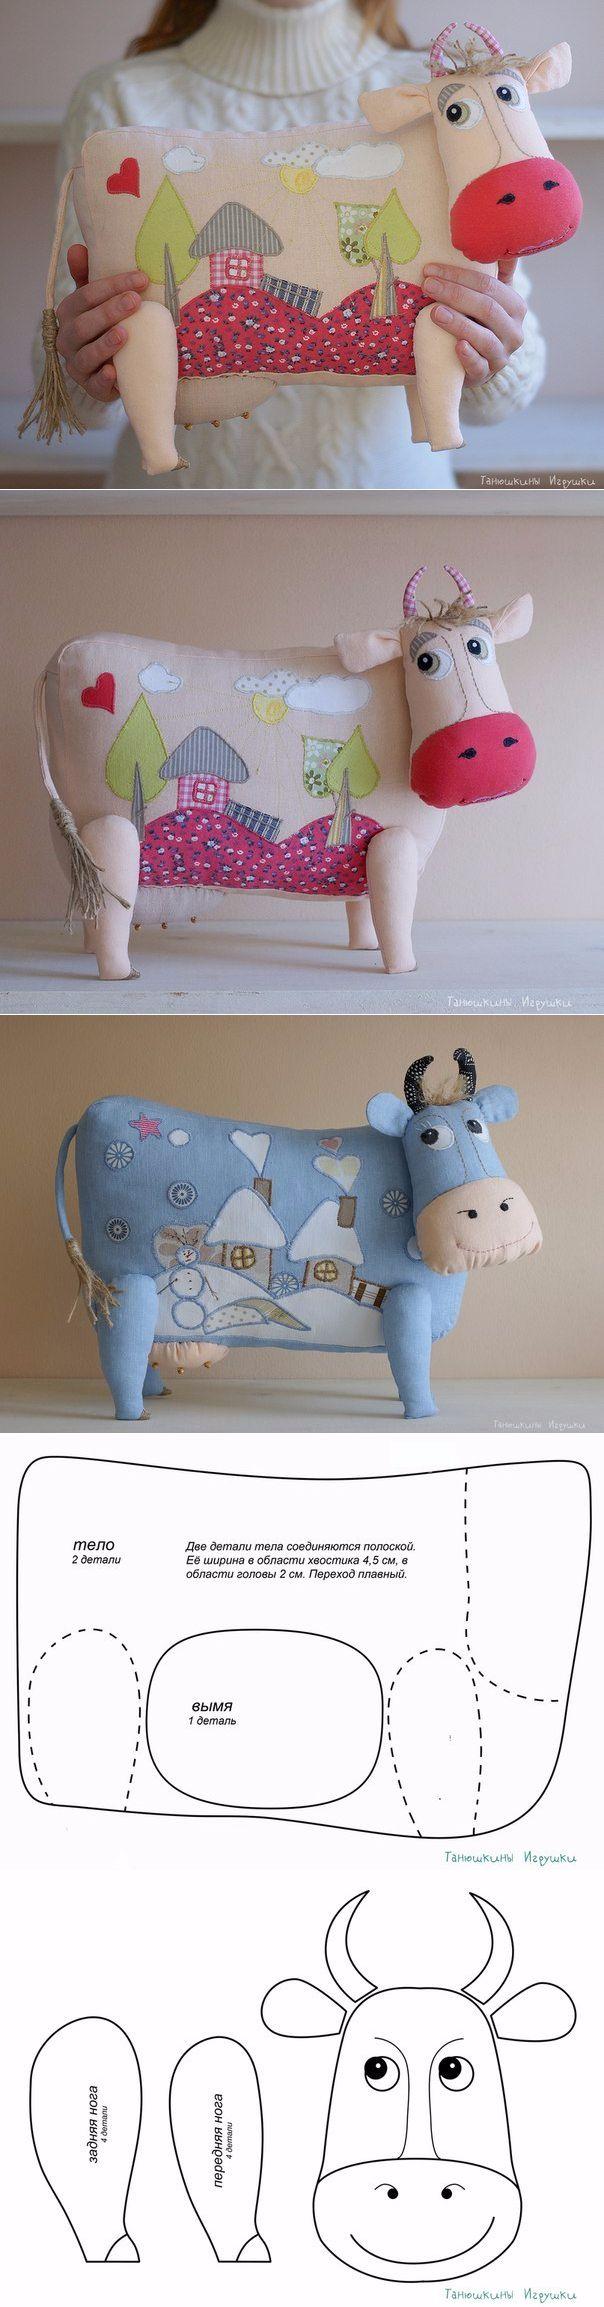 Vaca de tela pintada, una idea muy original